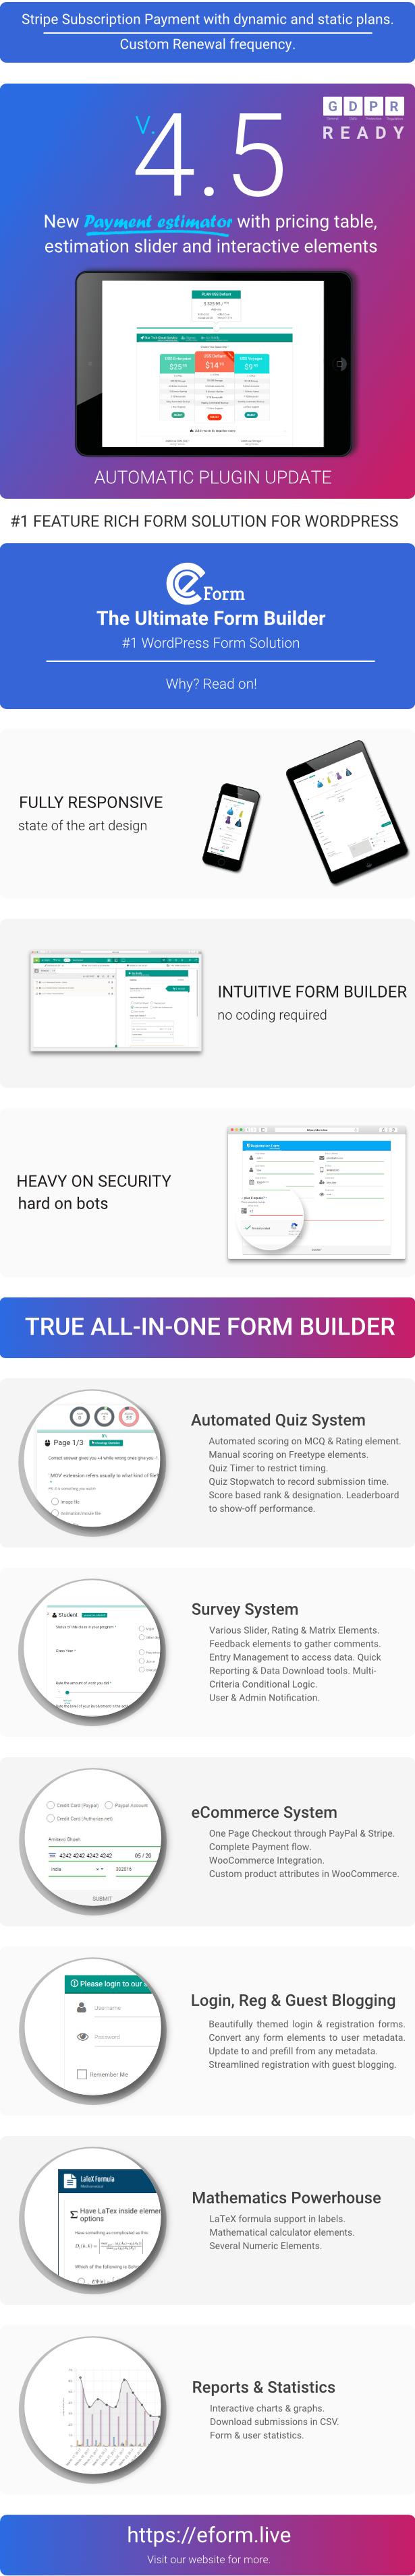 eform2 - eForm - WordPress Form Builder